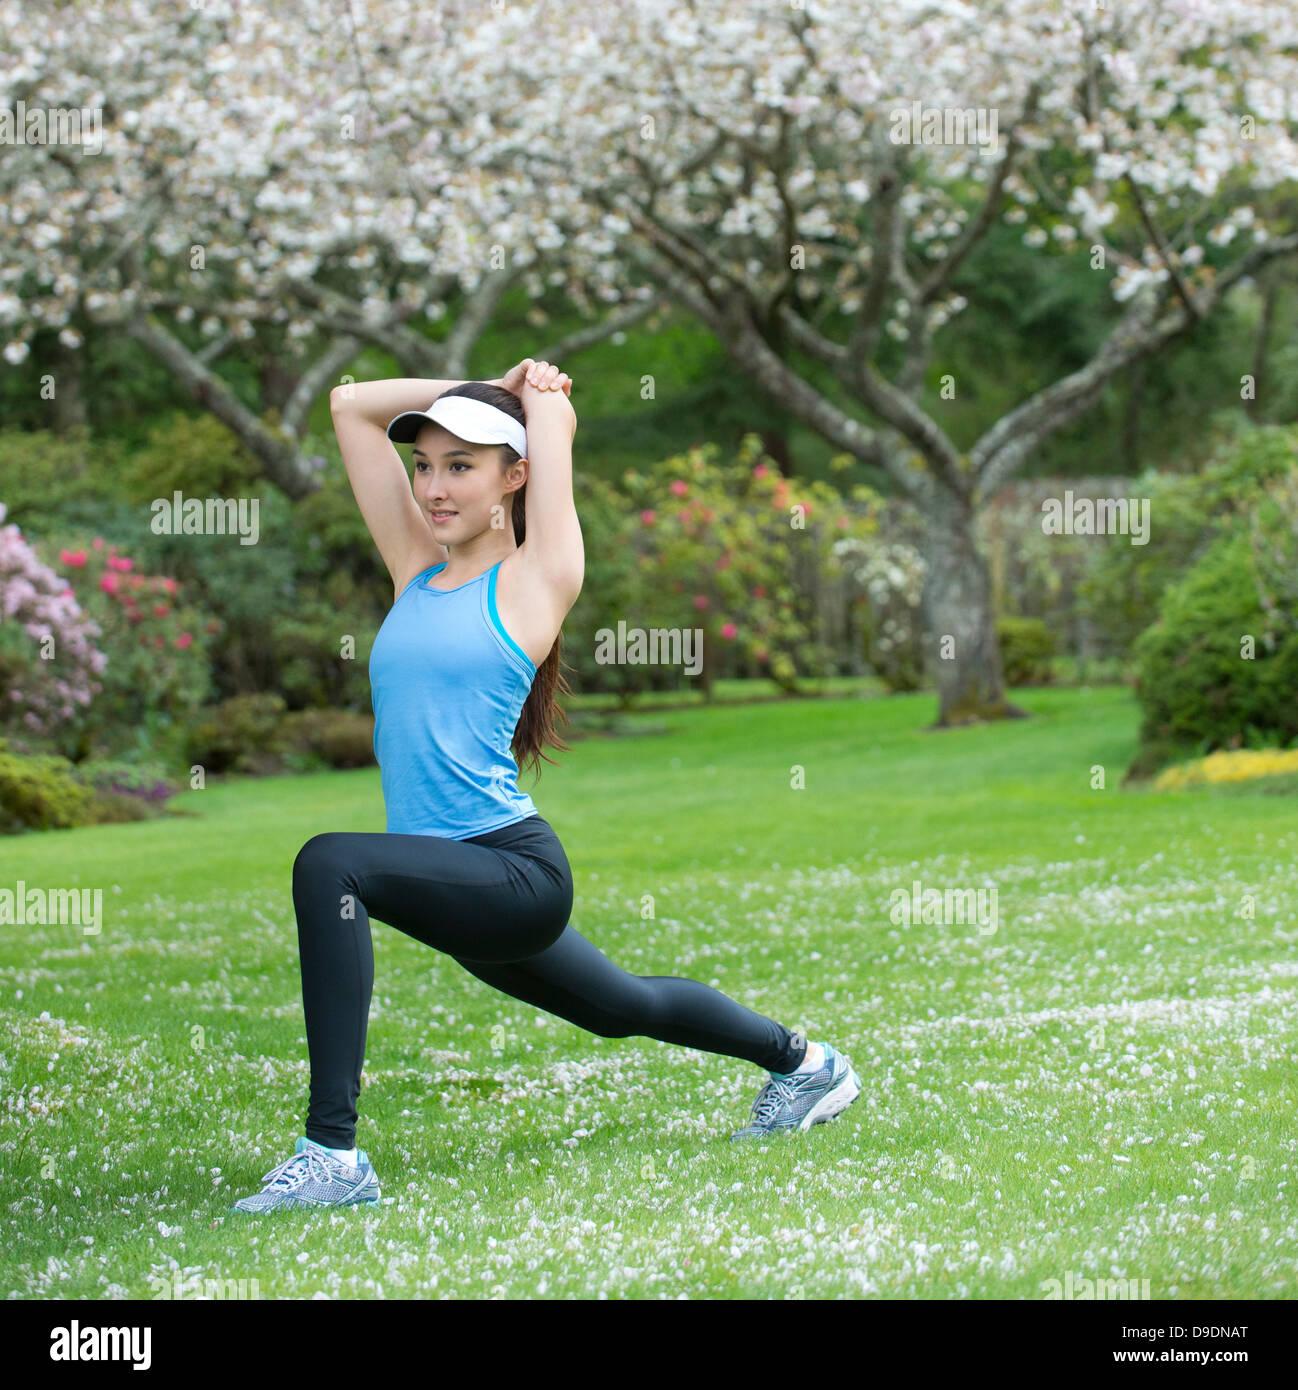 Adolescente vestido de azul sportswear estiramiento en park Imagen De Stock